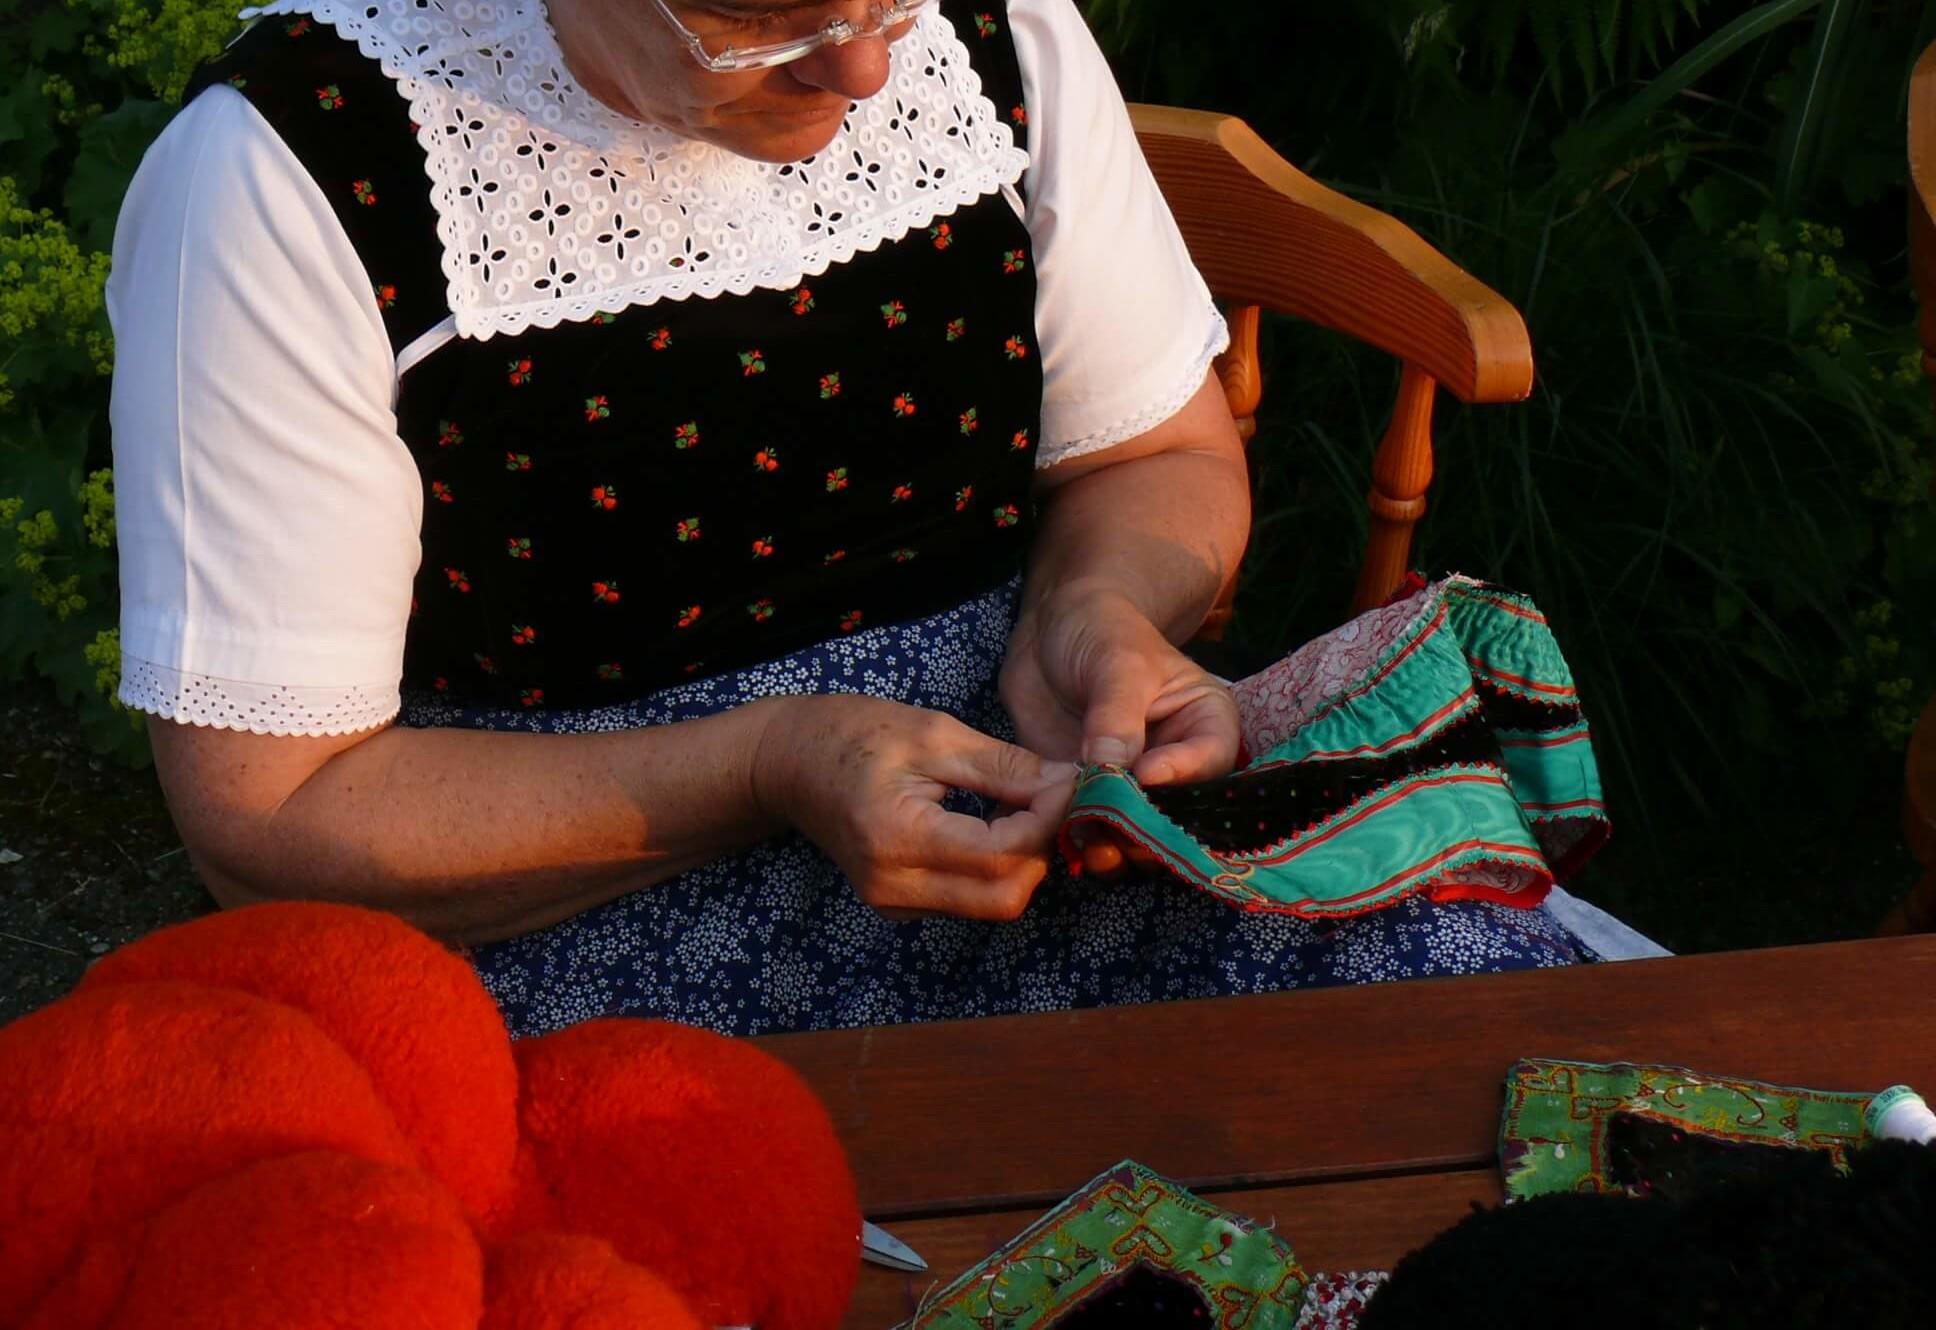 Zur Bollenhuttracht gehört auch das Goller, der farbige, bestickte Halskragen. Die letzte Trachtennäherin von Kirnbach bei Wolfach stellt diese kleinen Kostbarkeiten in Handarbeit her.